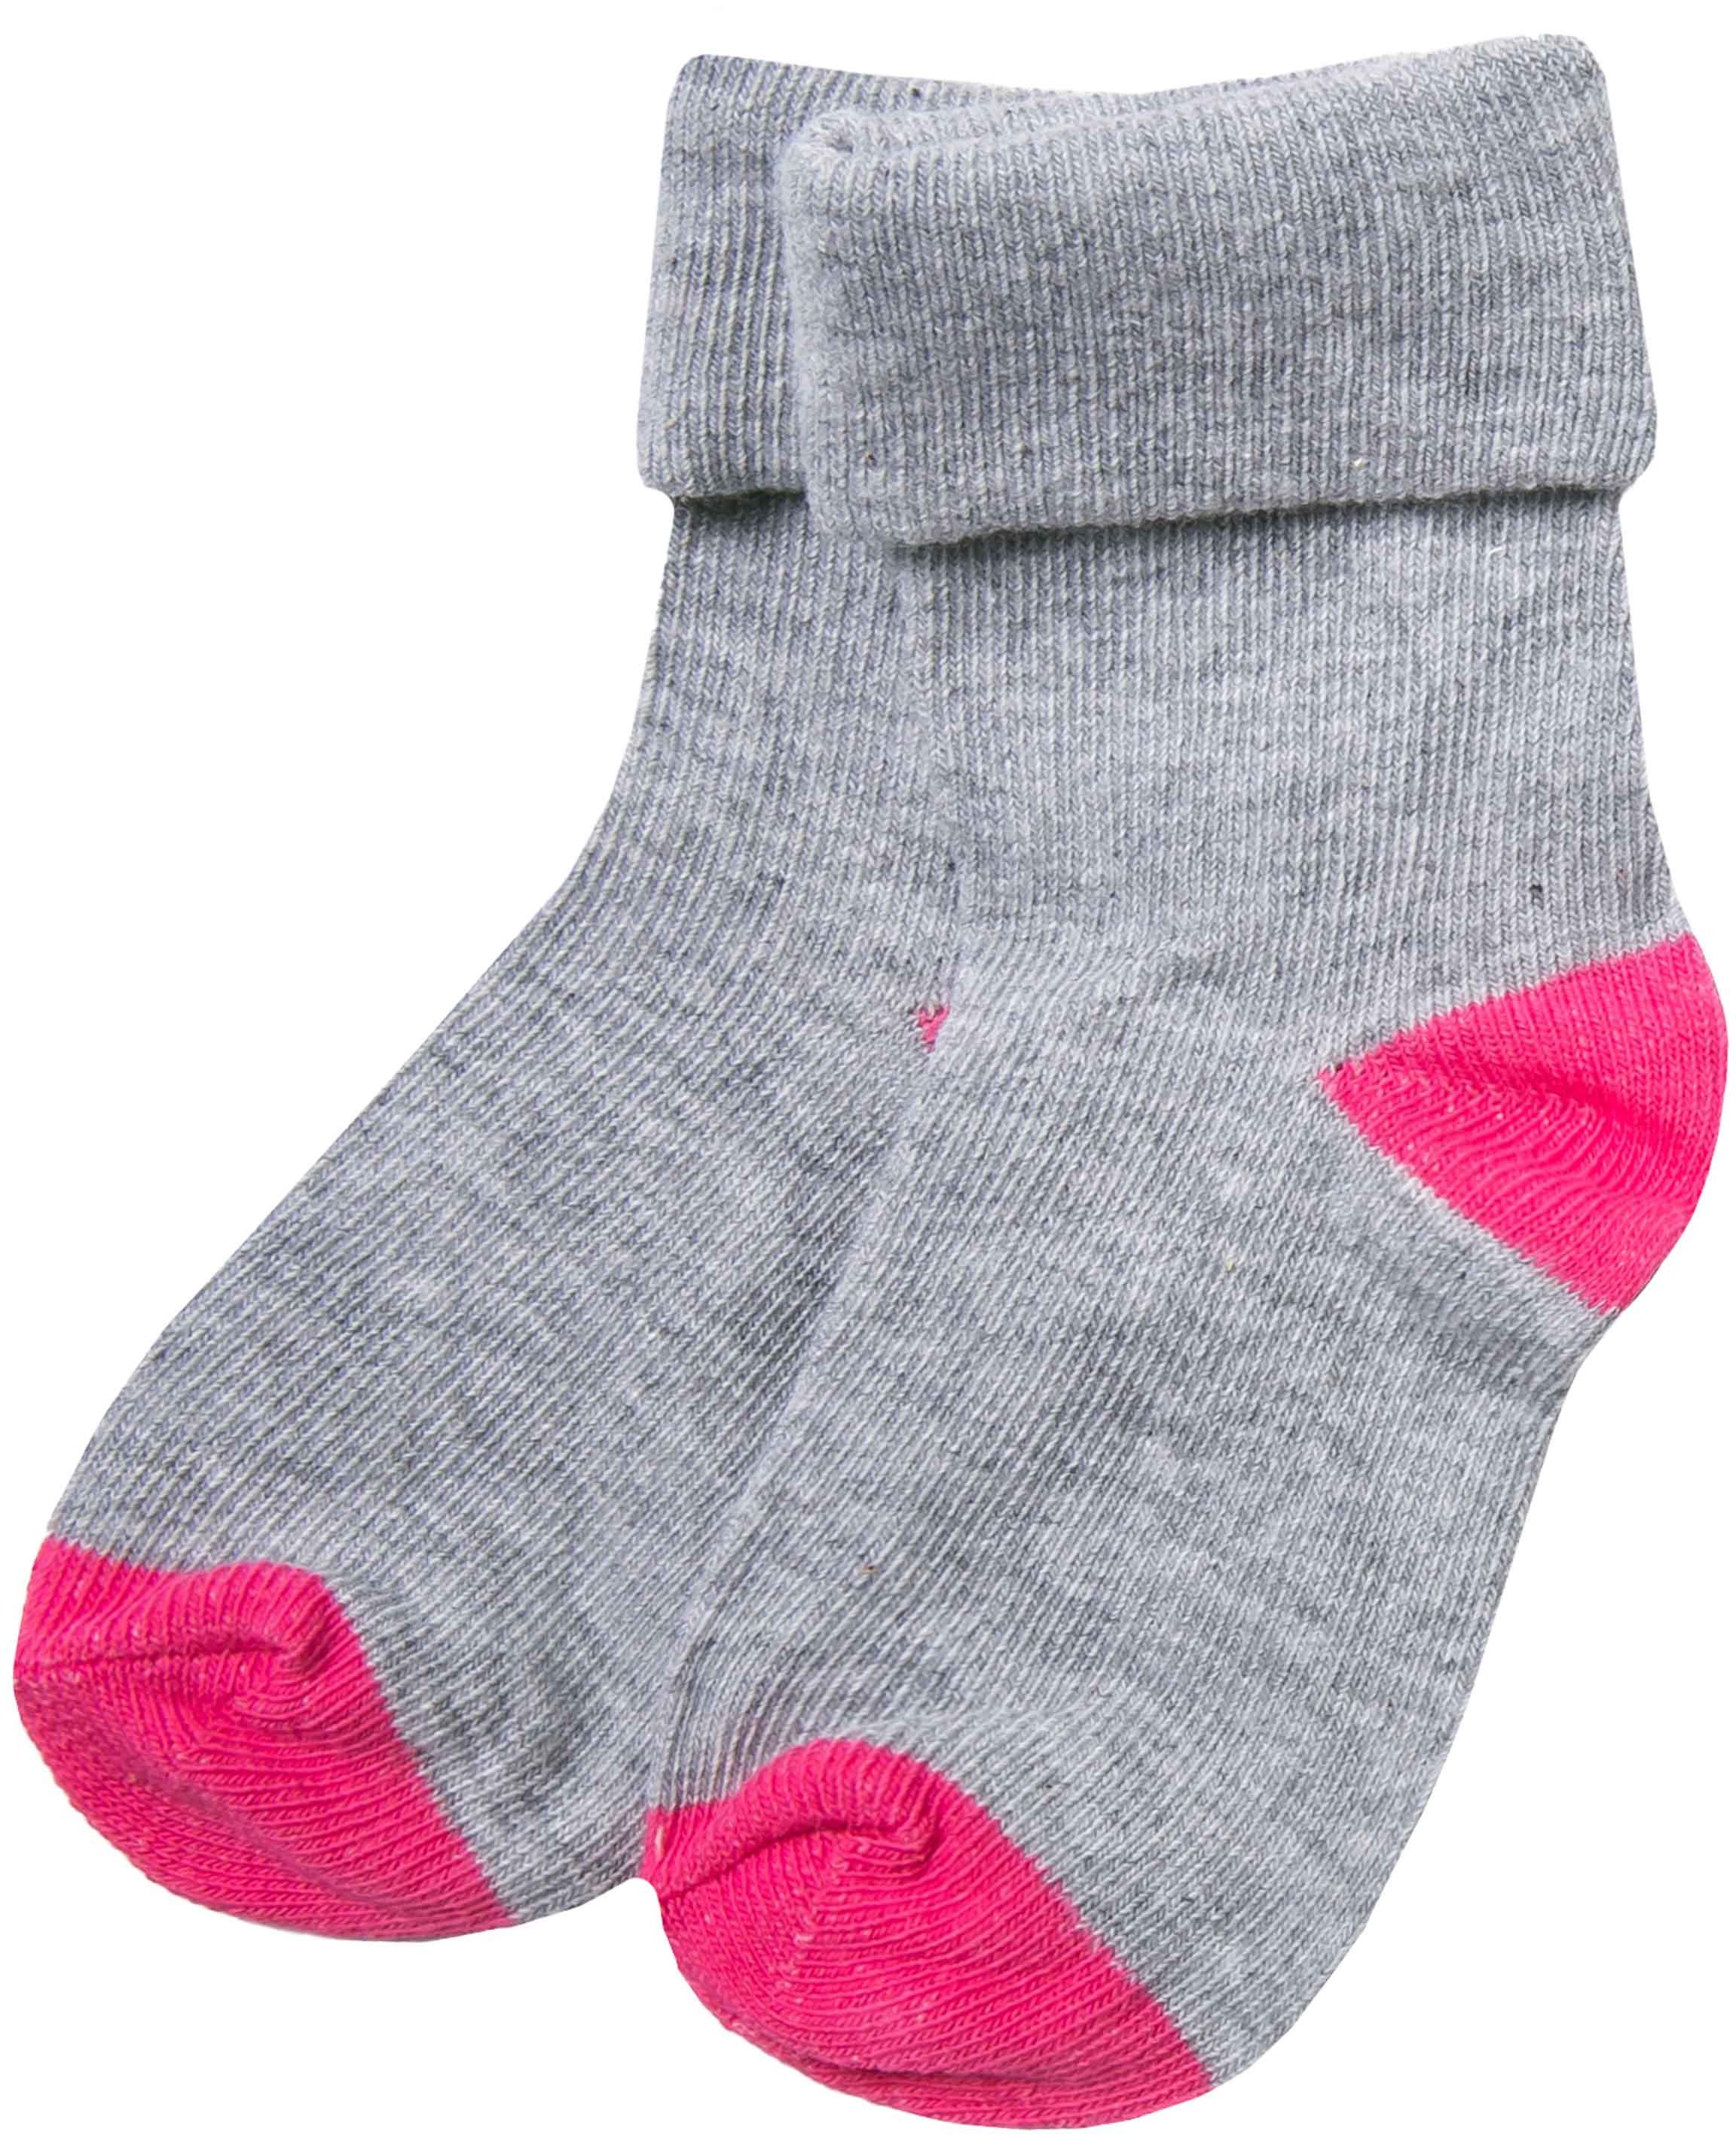 Купить Носки для девочки Barkito, серые с розовой отделкой, Китай, серый с розовой отделкой, Женский